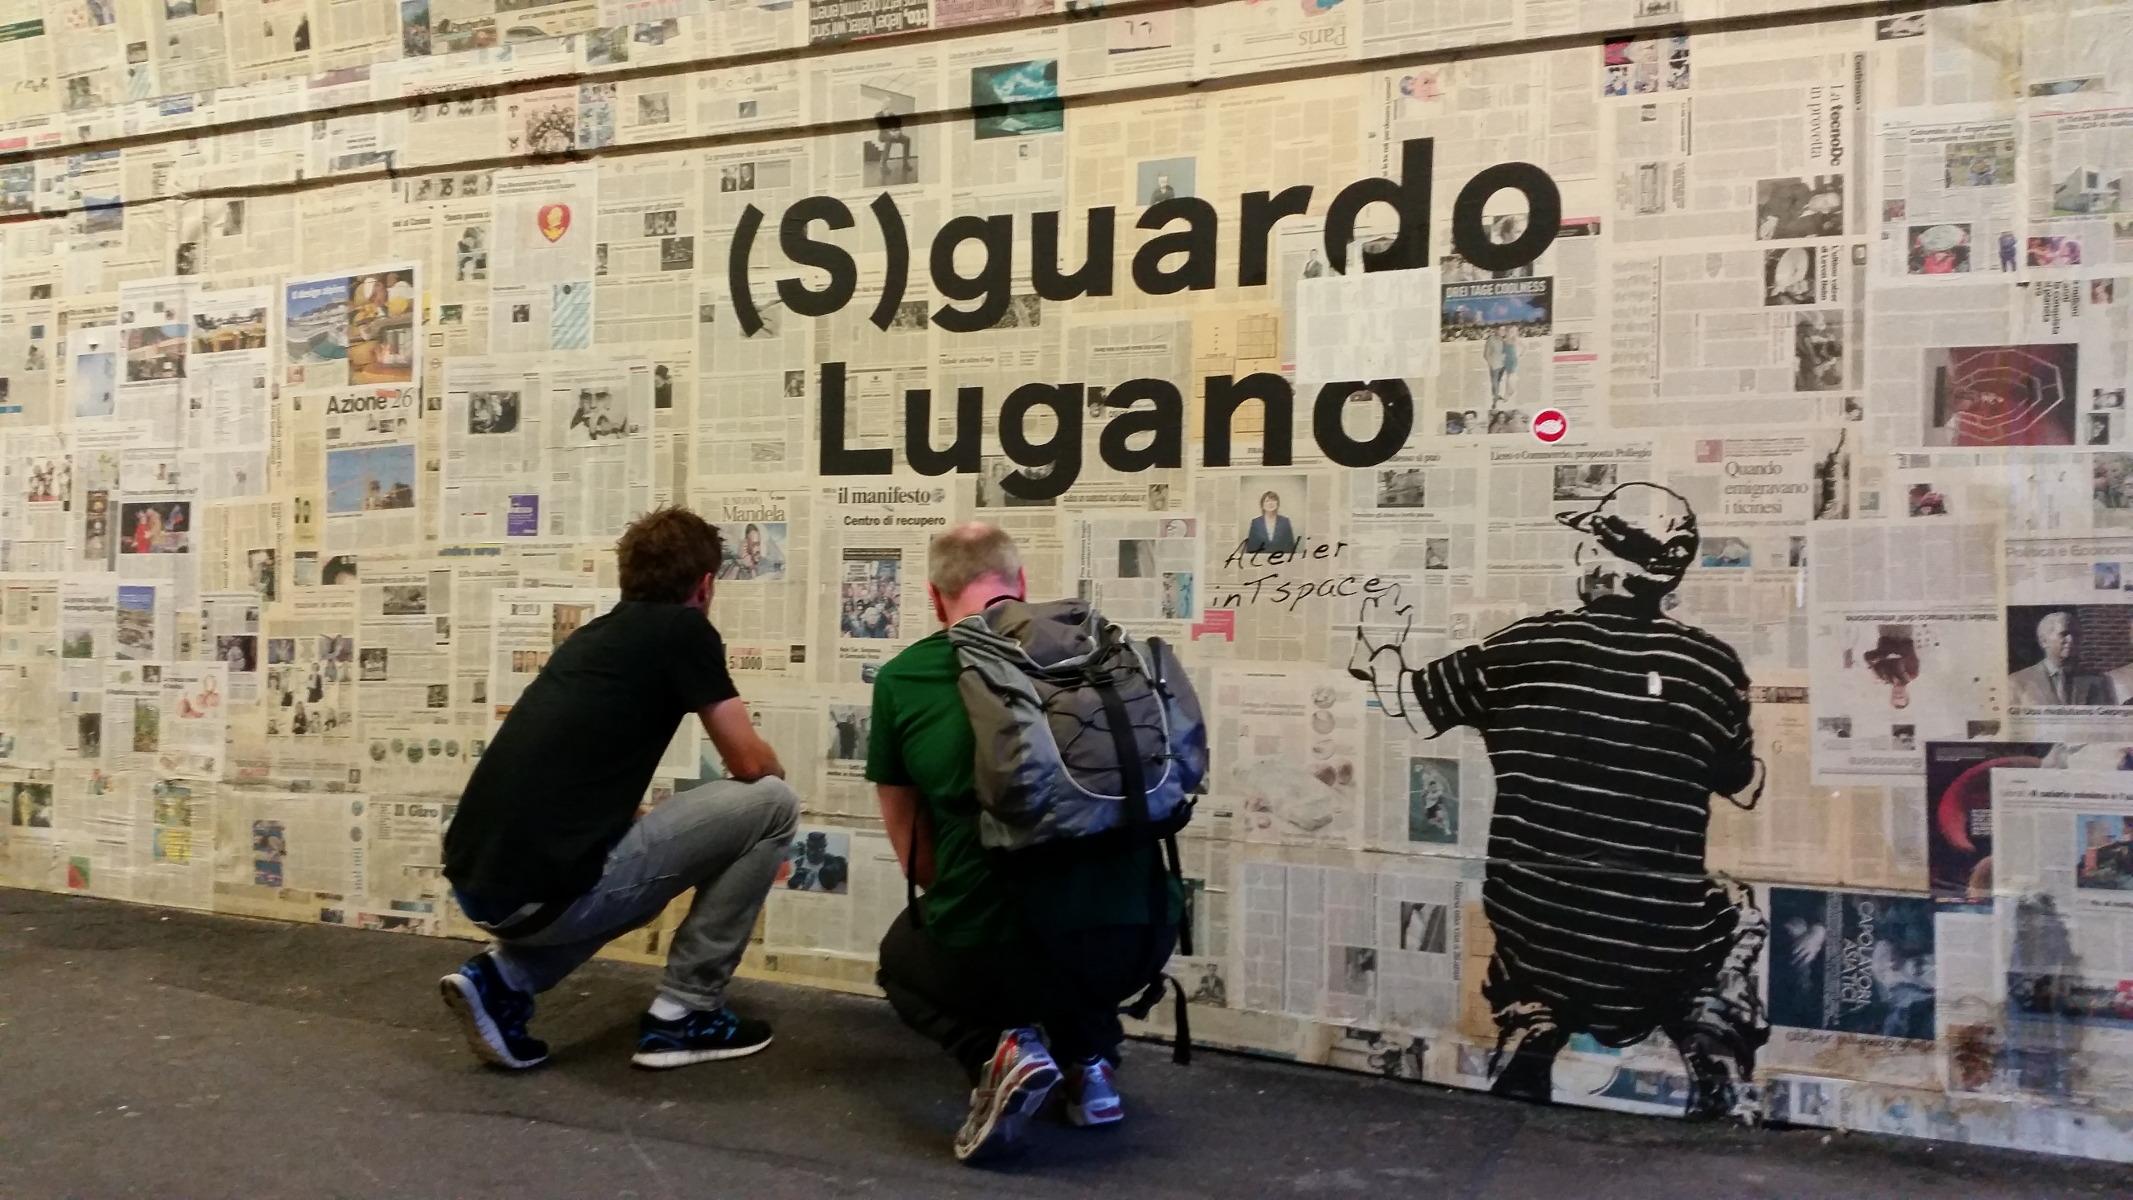 (S) guardo Lugano Zeitungsunterführung Rüdiger, Roland und Graffiti - sottopassaggio pedonale di Besso a Lugano